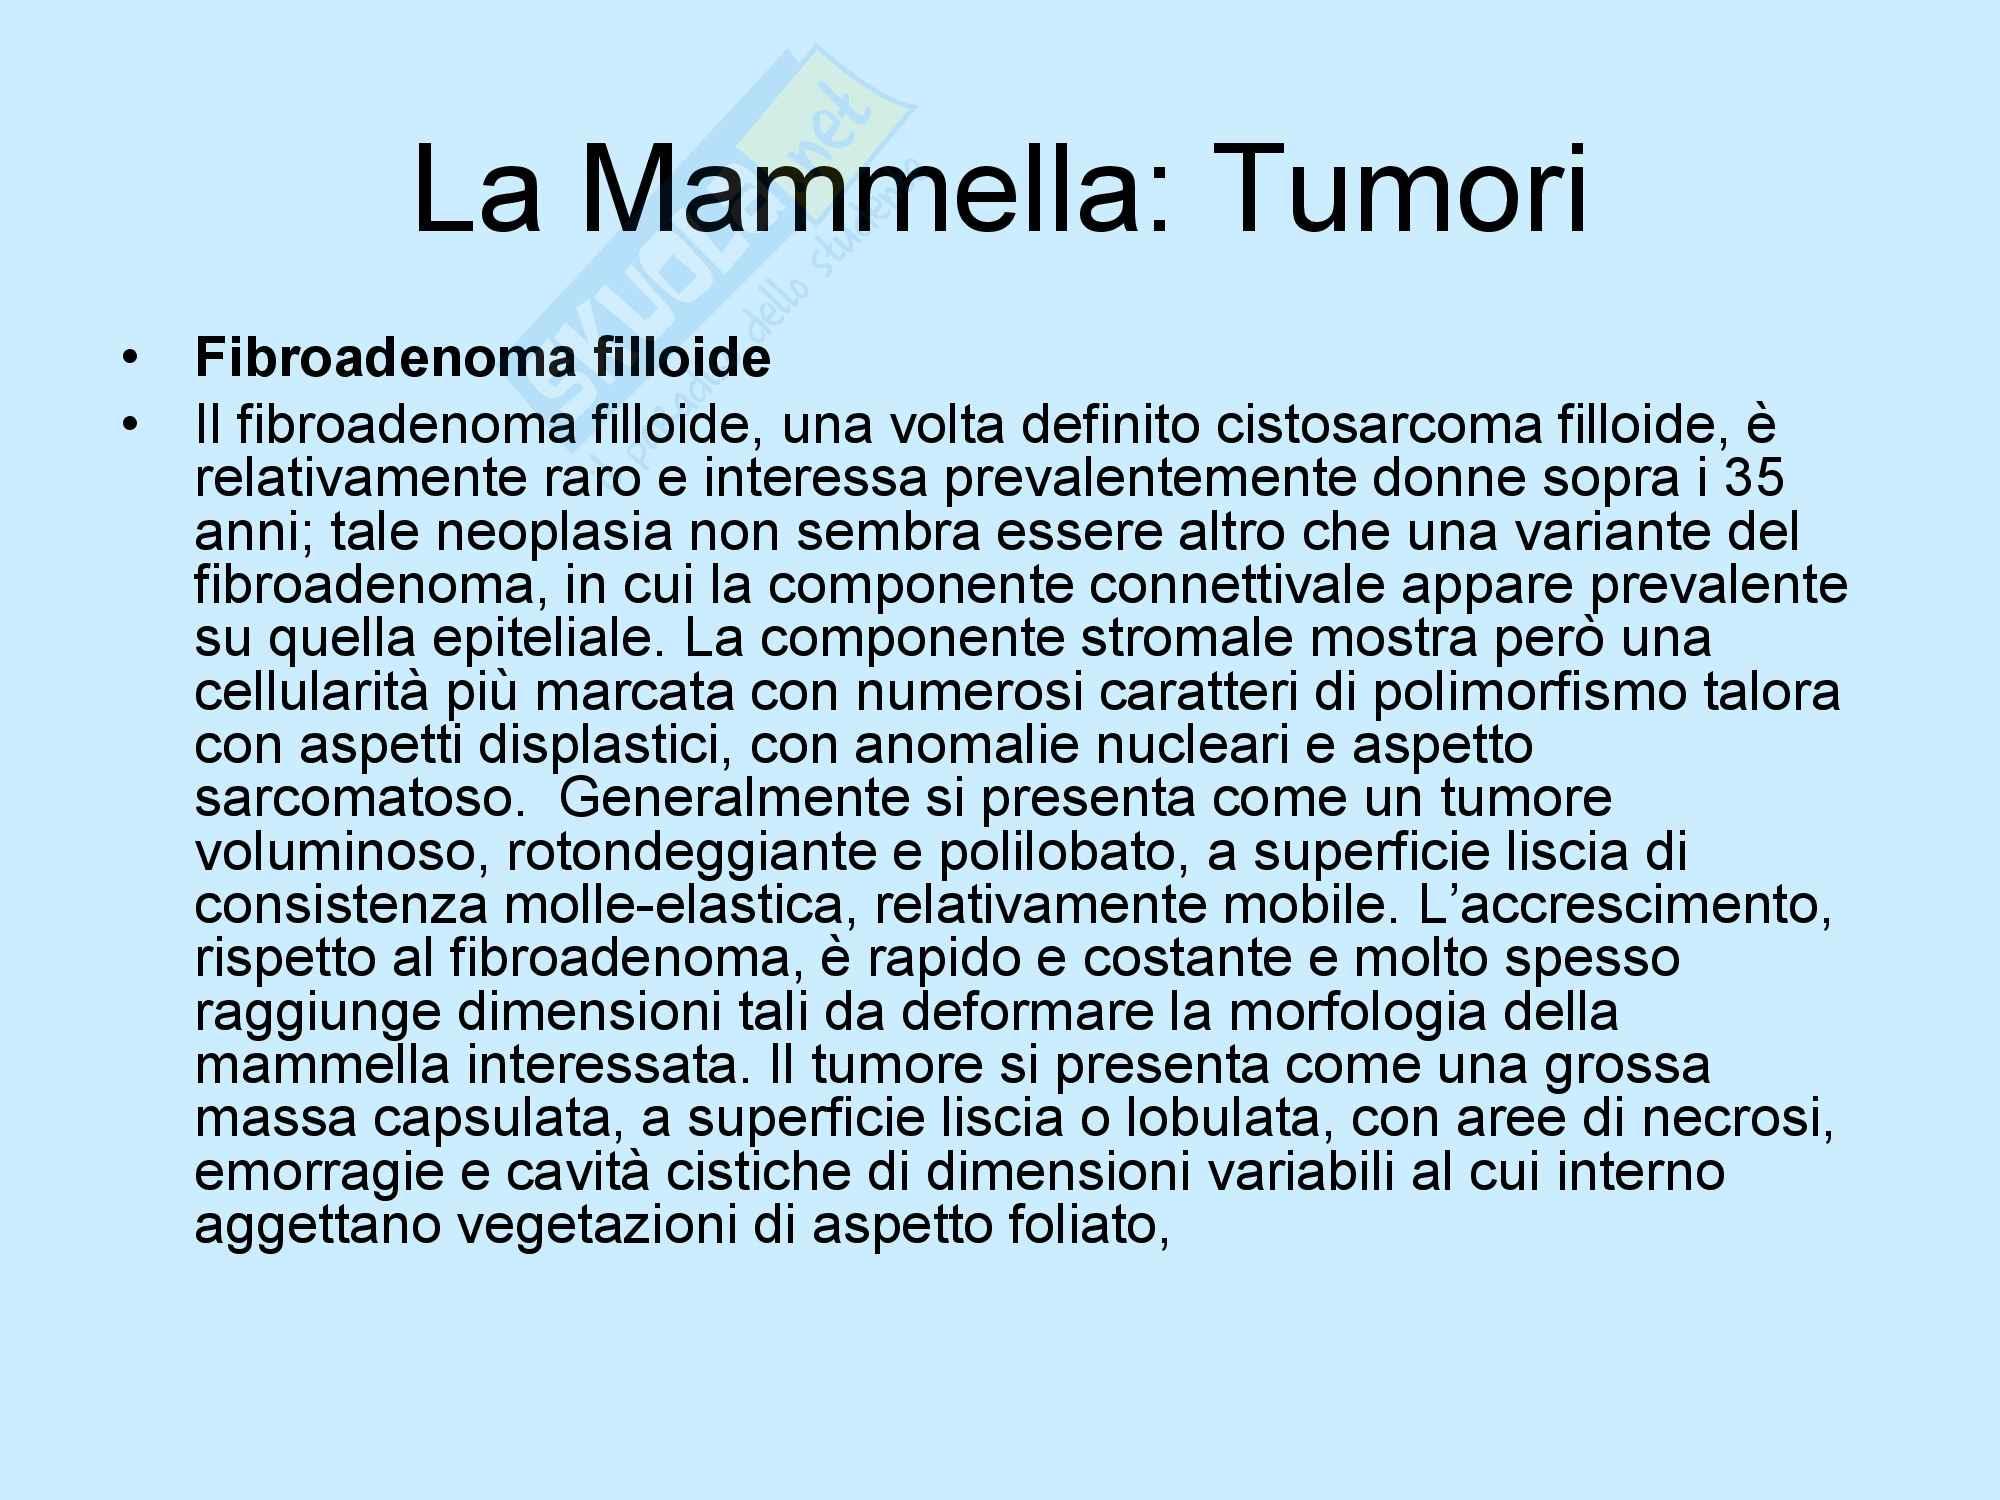 Tumori Mammella - Semeiotica Chirurgica. Pag. 6